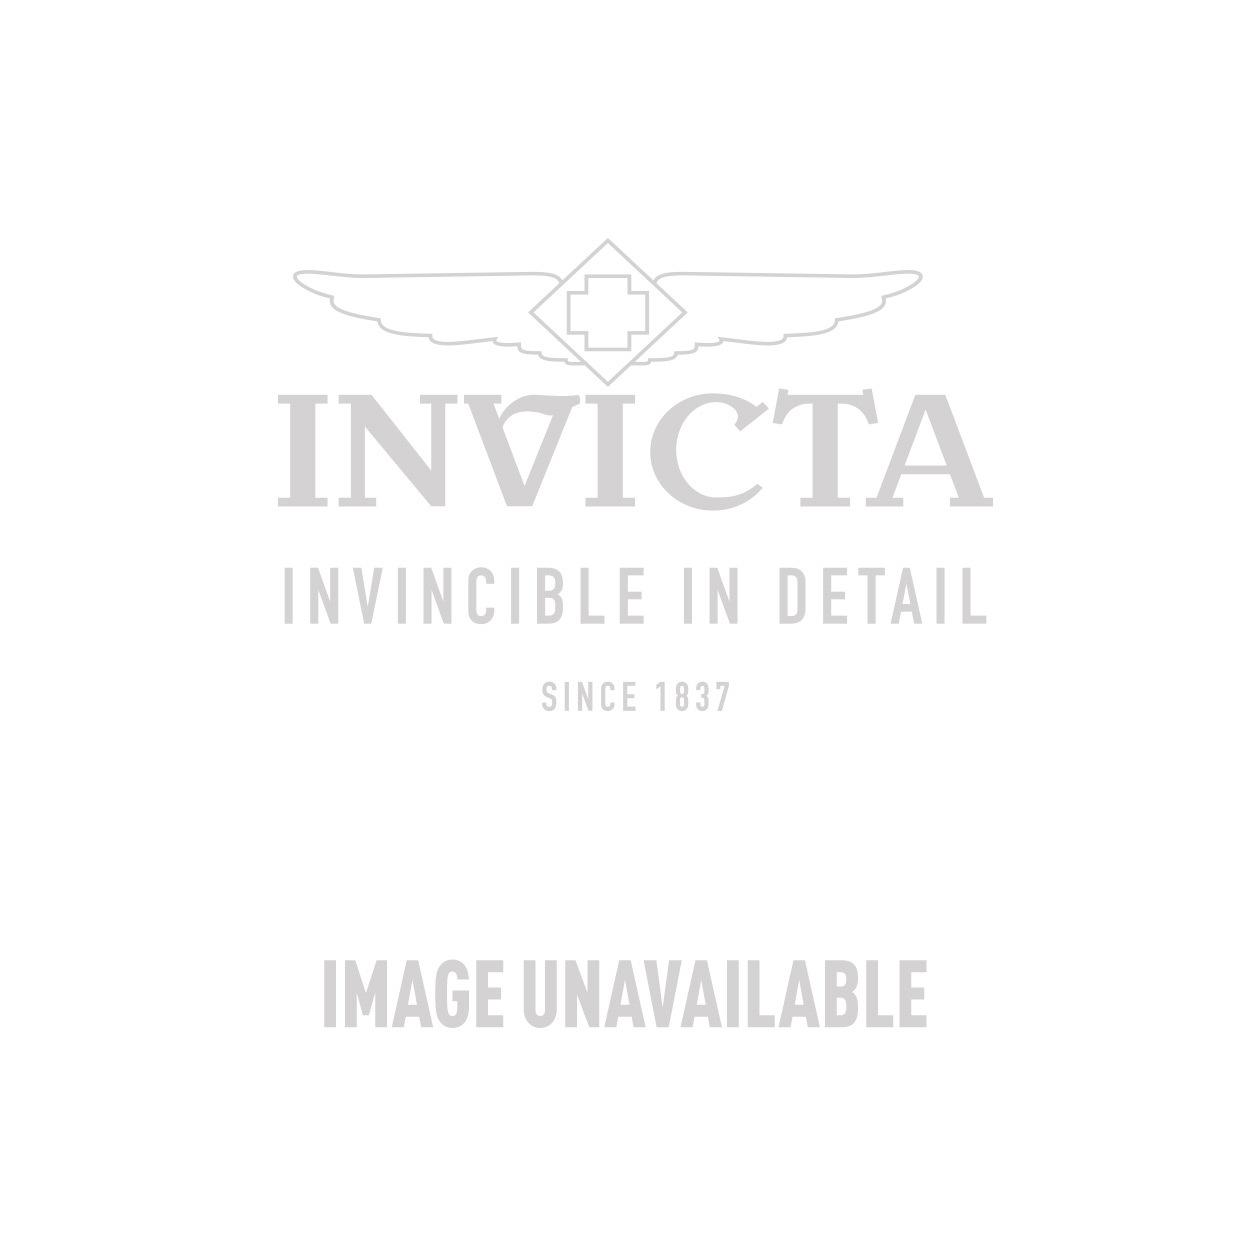 Invicta Model 25396